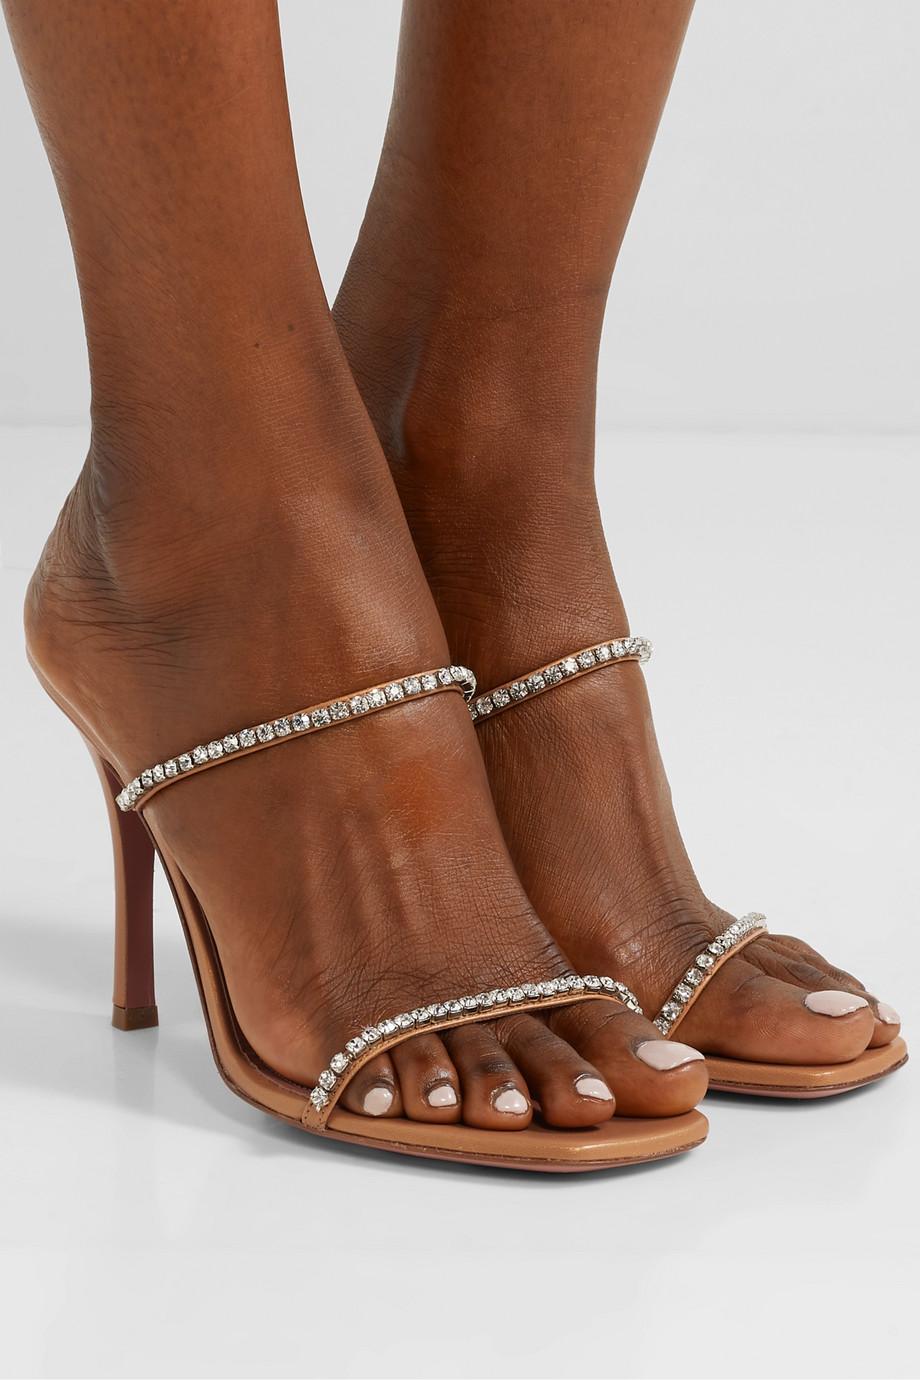 Amina Muaddi Gilda crystal-embellished leather mules